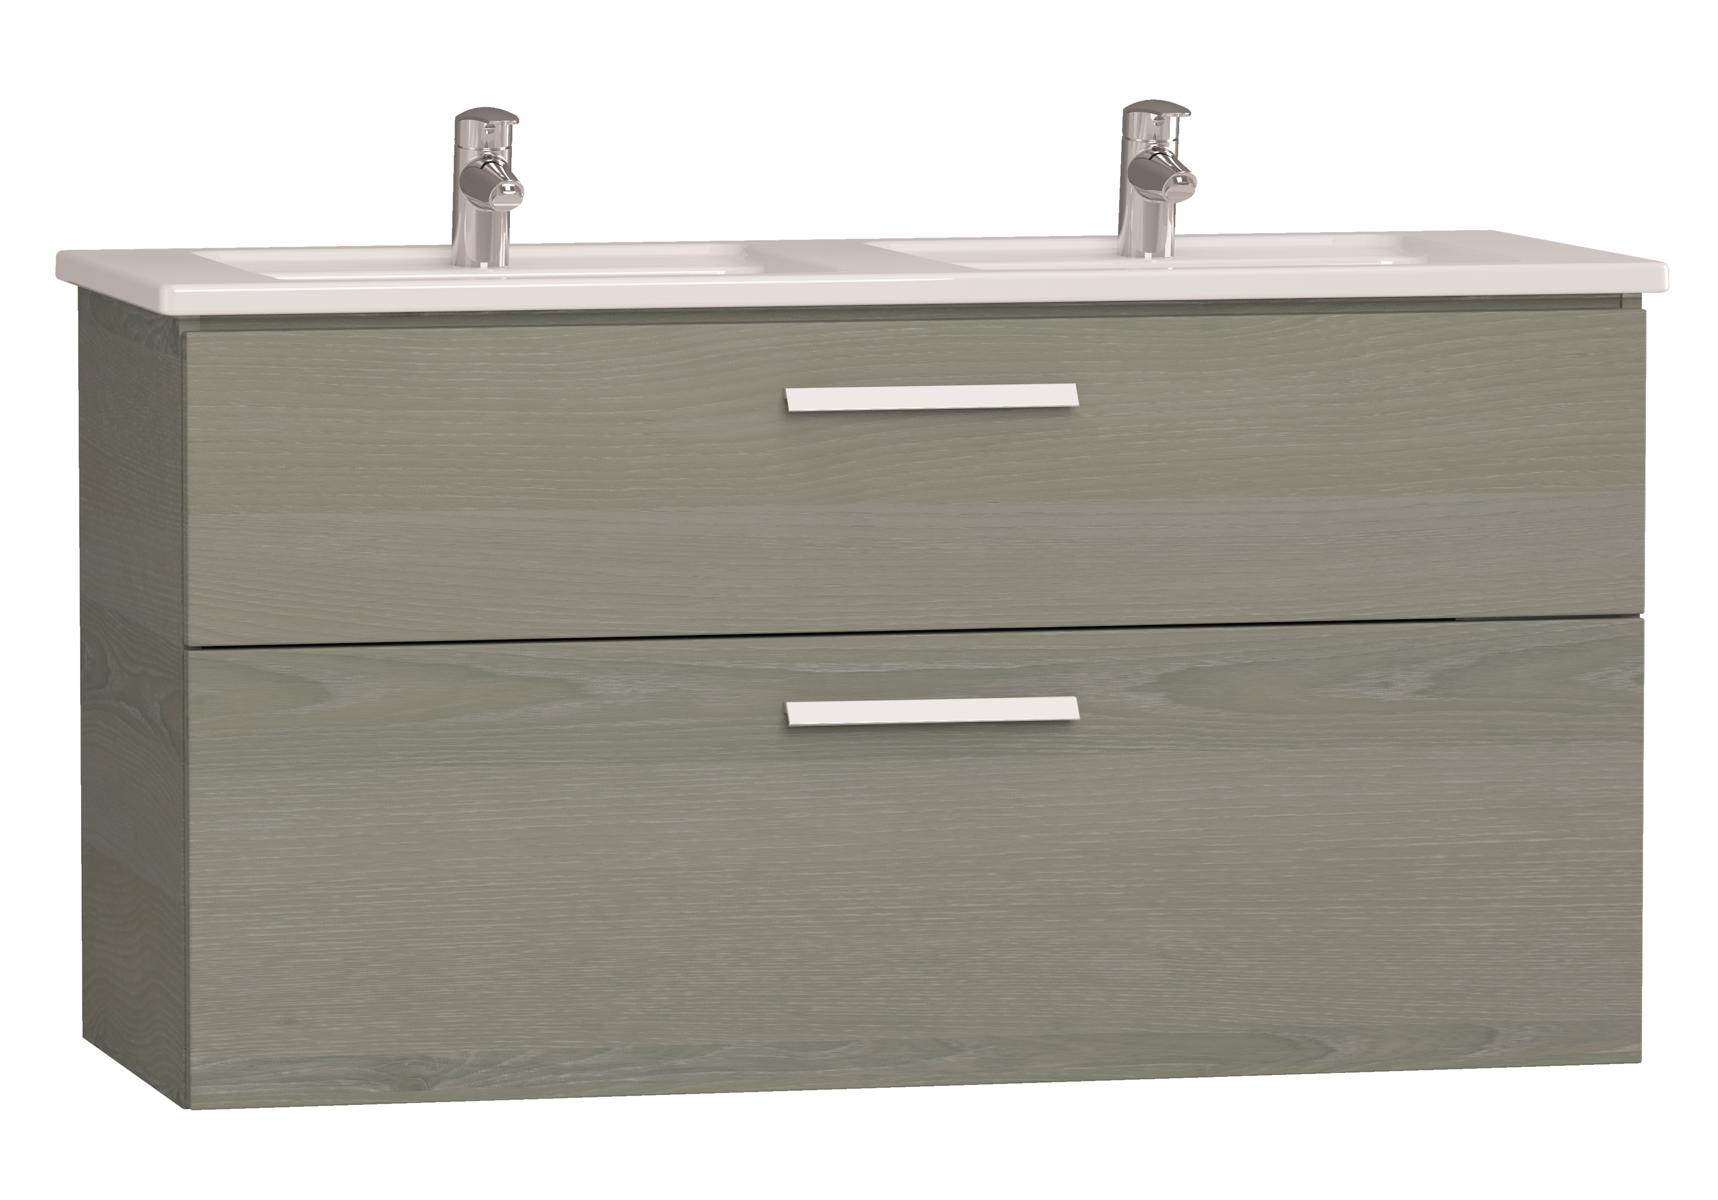 Integra meuble avec plan céramique avec lavabo double, 120 cm, chêne gris naturel